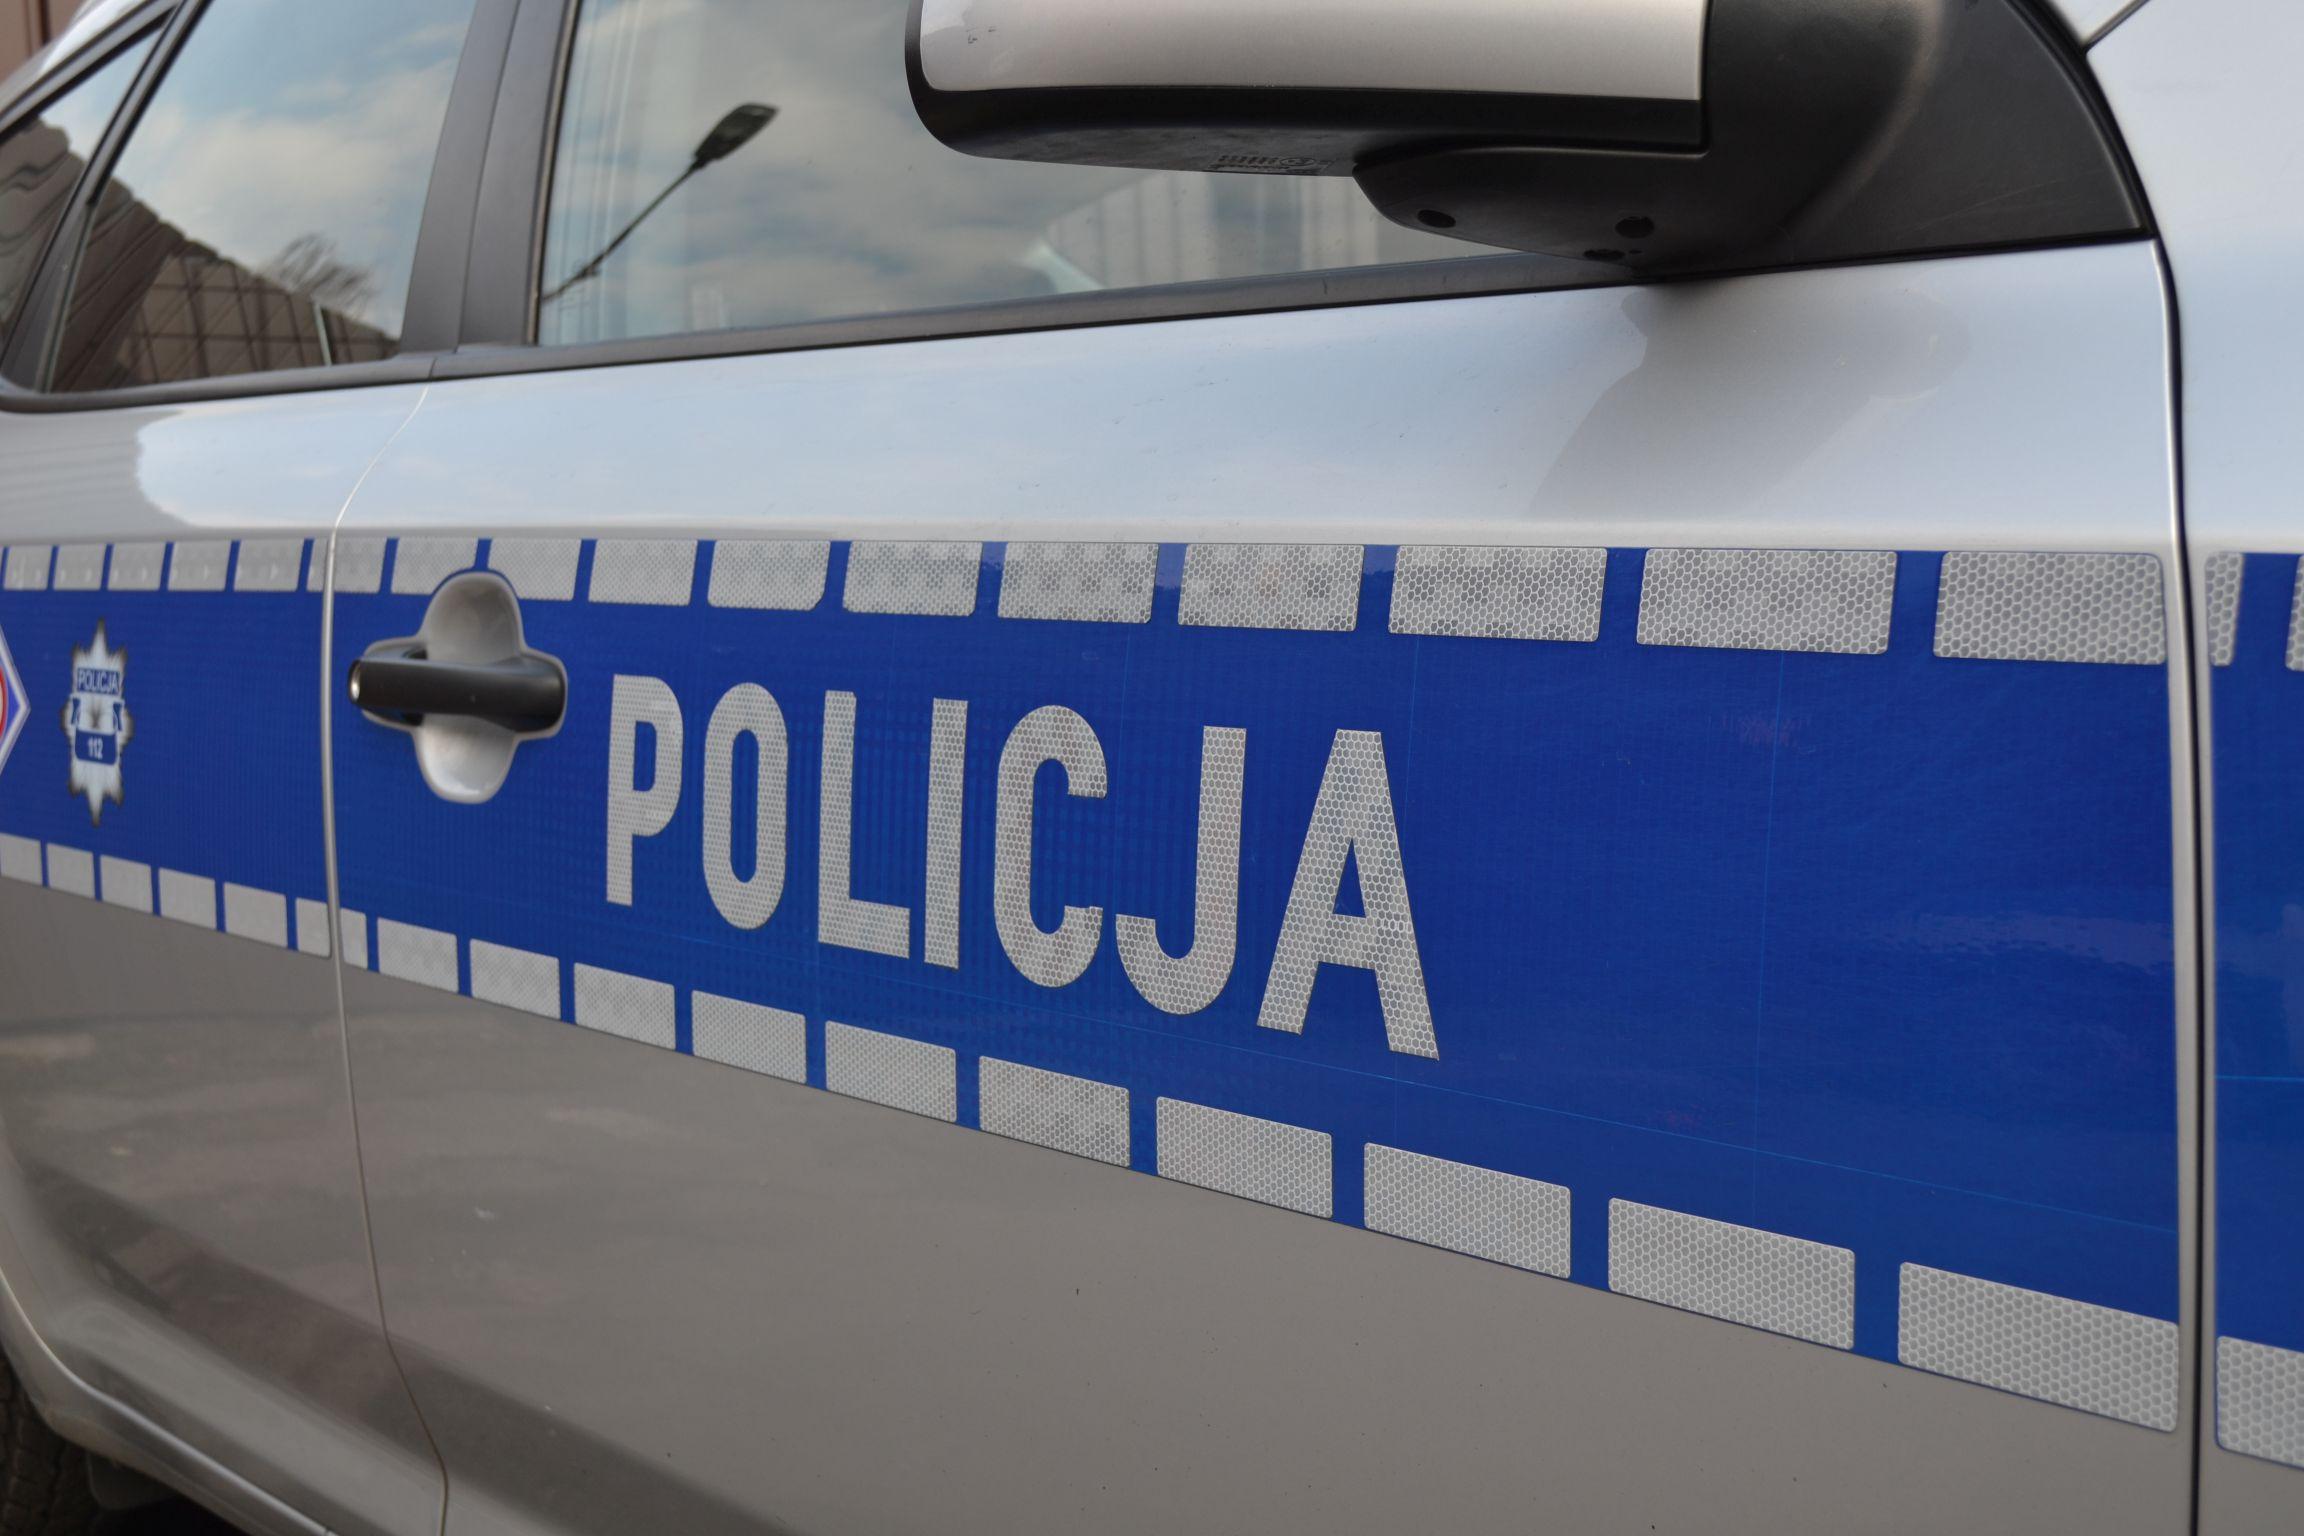 Policja interweniowała w magistracie. Co tam się wydarzyło?